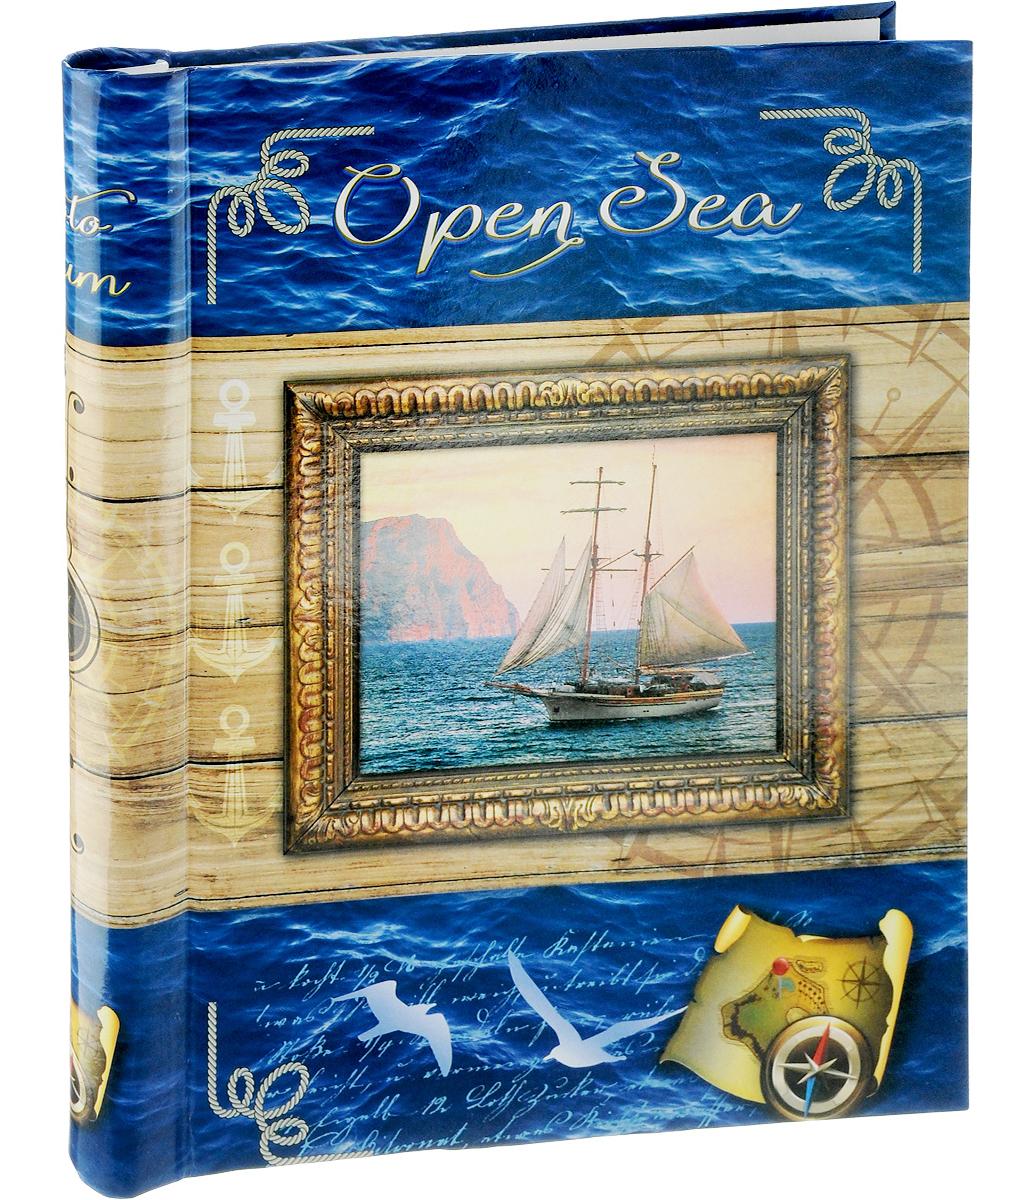 Фотоальбом Pioneer Open Sea, 10 магнитных листов, цвет: синий, песочный, 23 х 28 см46404 AP102328SAФотоальбом Pioneer Open Sea позволит вам запечатлеть незабываемые моменты вашей, сохранить свои истории и воспоминания на его страницах. Обложка из толстого картона оформлена оригинальным принтом. Фотоальбом рассчитан на 10 фотографии форматом 23 х 28 см. Такой необычный фотоальбом позволит легко заполнить страницы вашей истории, и с годами ничего не забудется.Тип обложки: Ламинированный картон.Тип листов: магнитные.Тип переплета: спираль.Материалы, использованные в изготовлении альбома, обеспечивают высокое качество хранения ваших фотографий, поэтому фотографии не желтеют со временем.